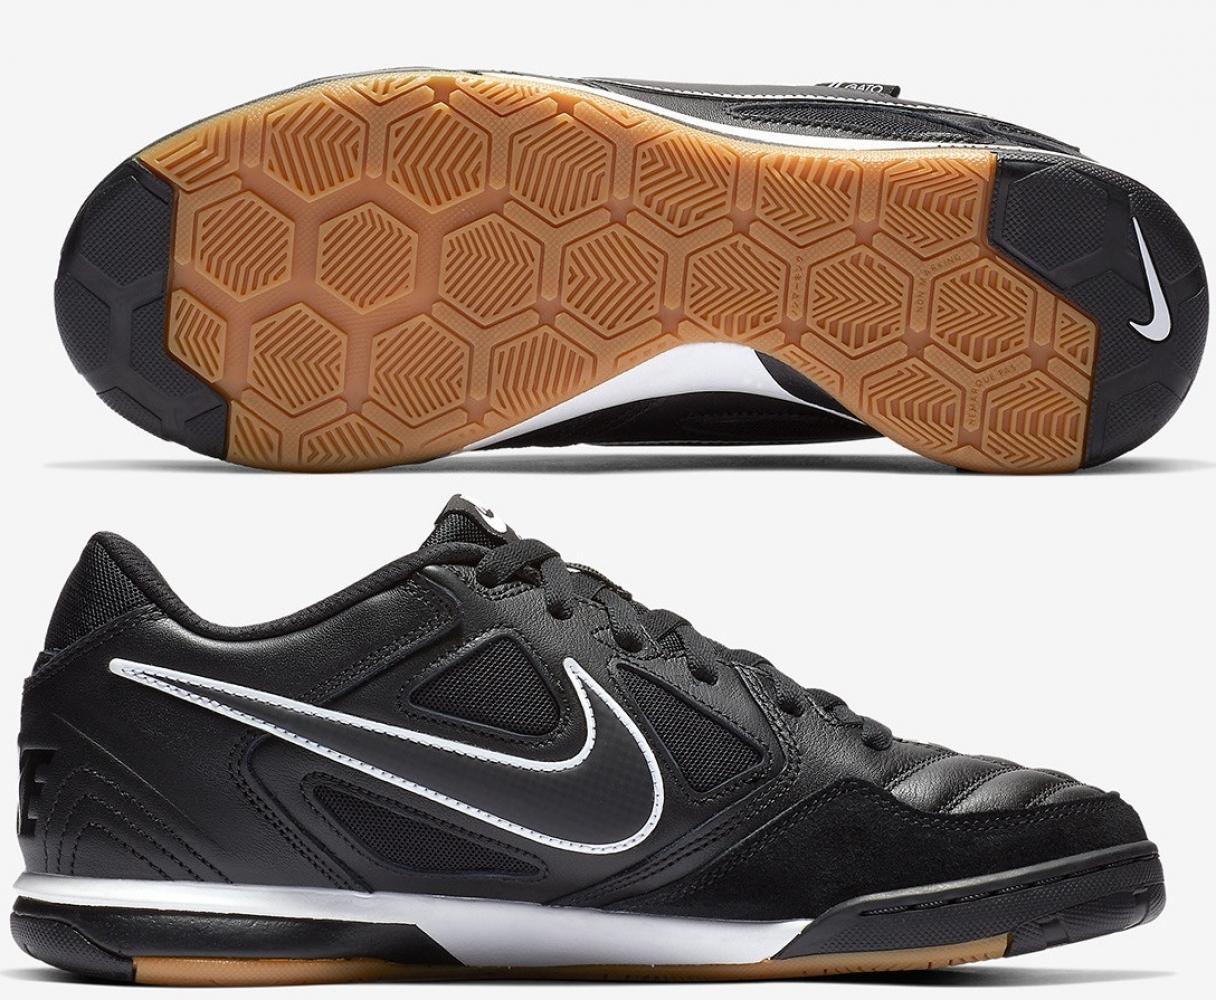 af8819f949012 Футзалки Nike SB Gato AT4607-001 Чёрный купить в интернет-магазине ...